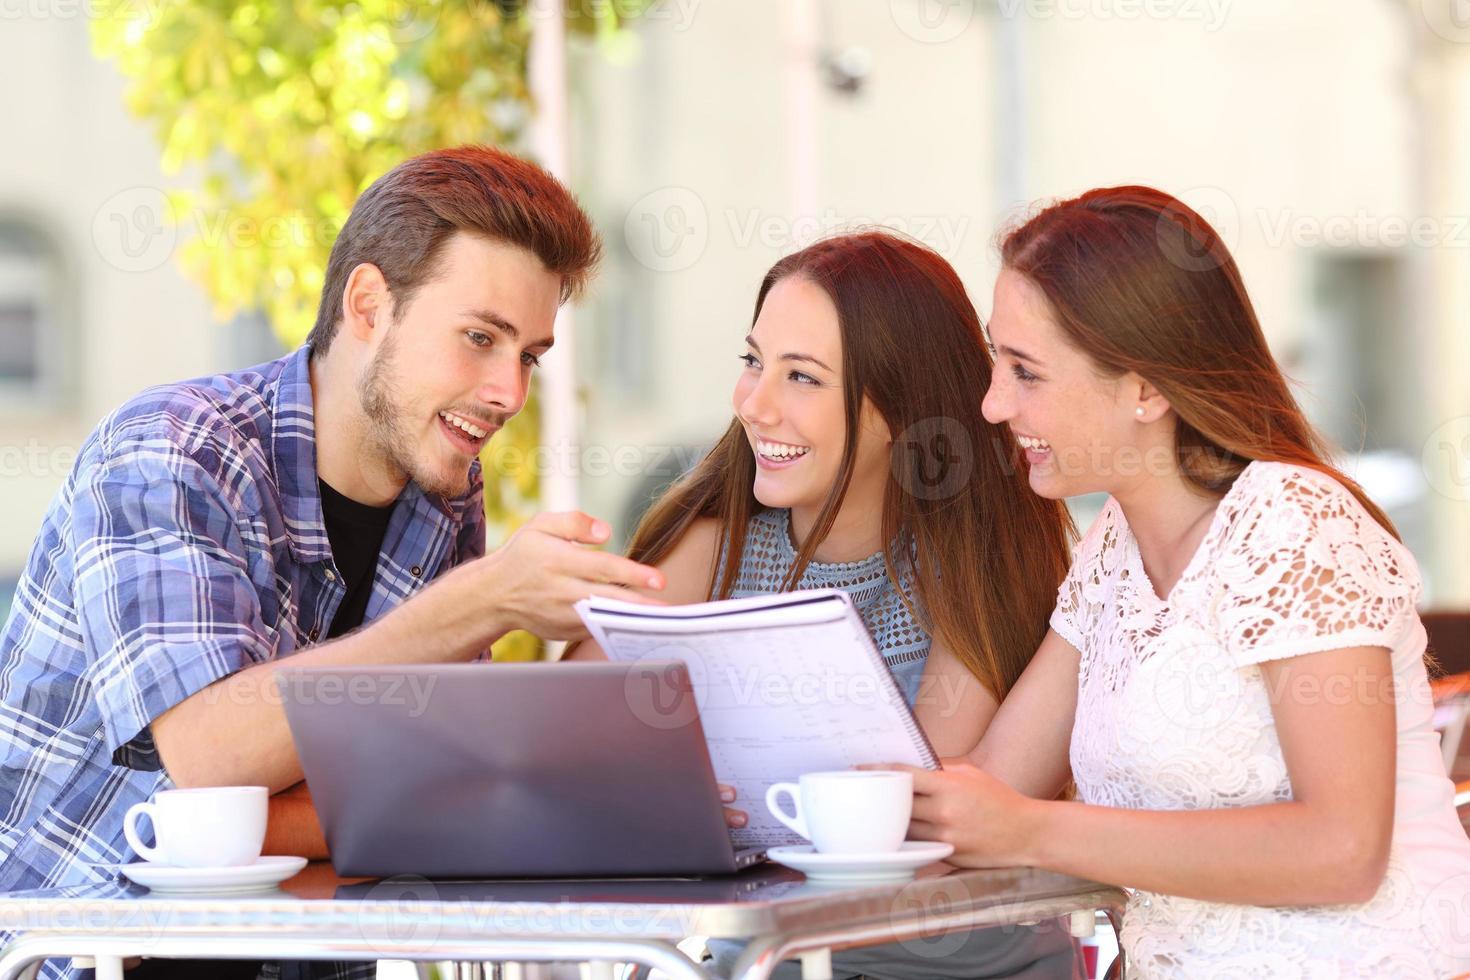 Tres estudiantes que estudian y aprenden en una cafetería. foto